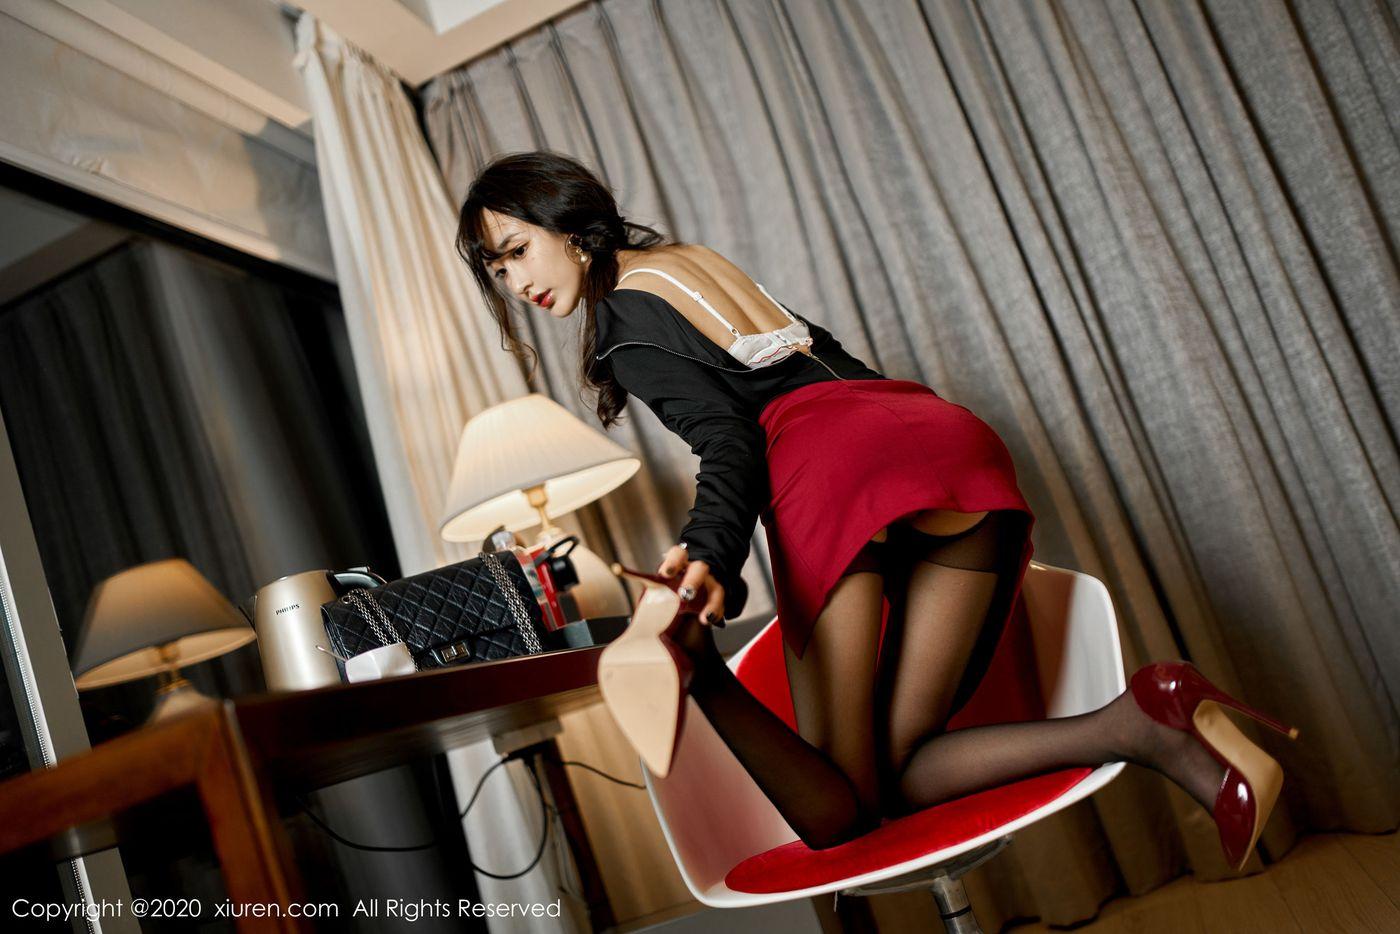 黑丝美腿内衣诱惑美胸嫩模翘臀美女模特秀人网-[林子欣]超高清写真图片 1620391372更新